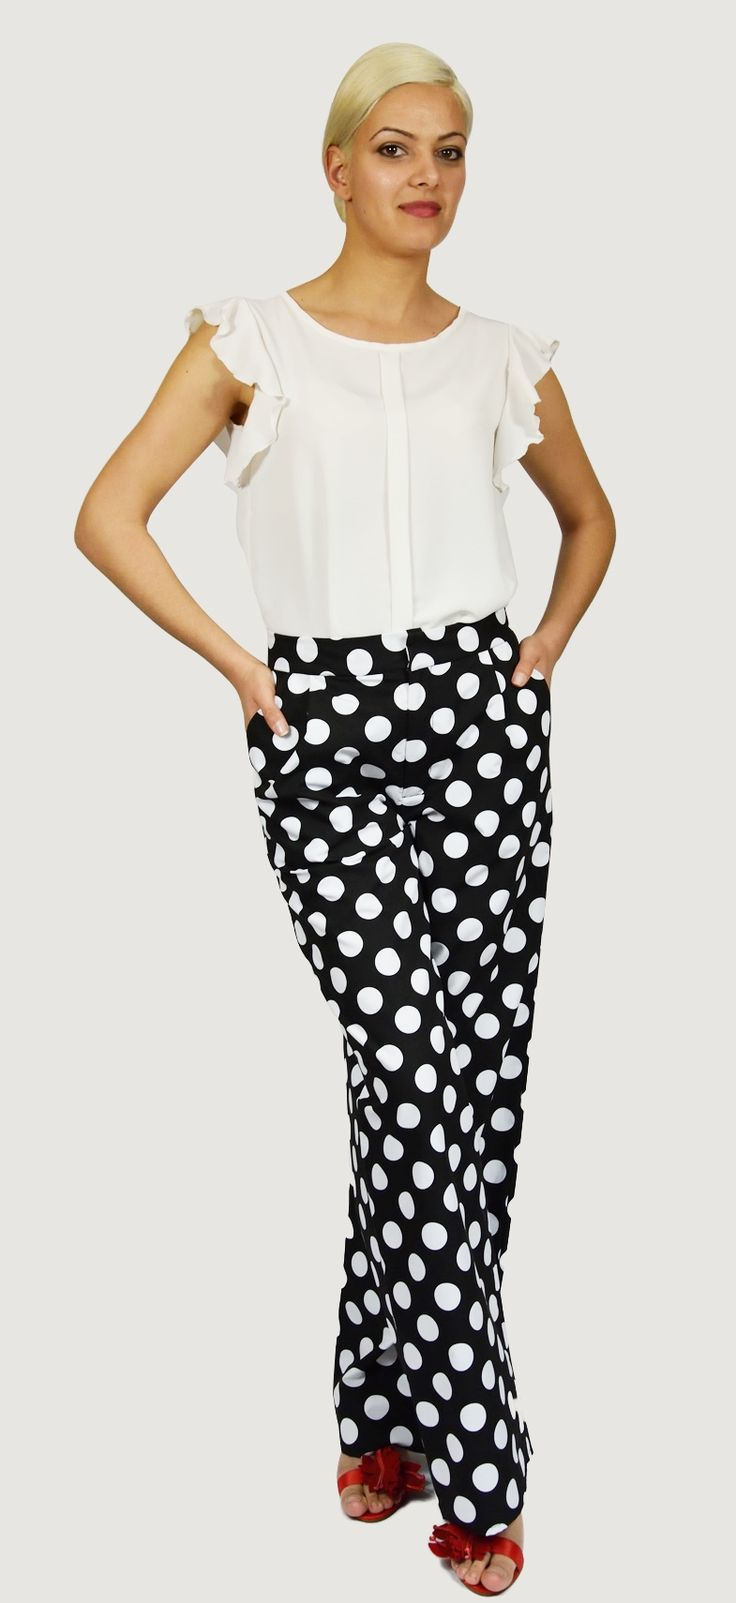 Pantalón Negro con lunares Blancos en algodón, lleva bolsillos, cremallera delantera, pinzas y cinturilla. Muy elegante y juvenil.